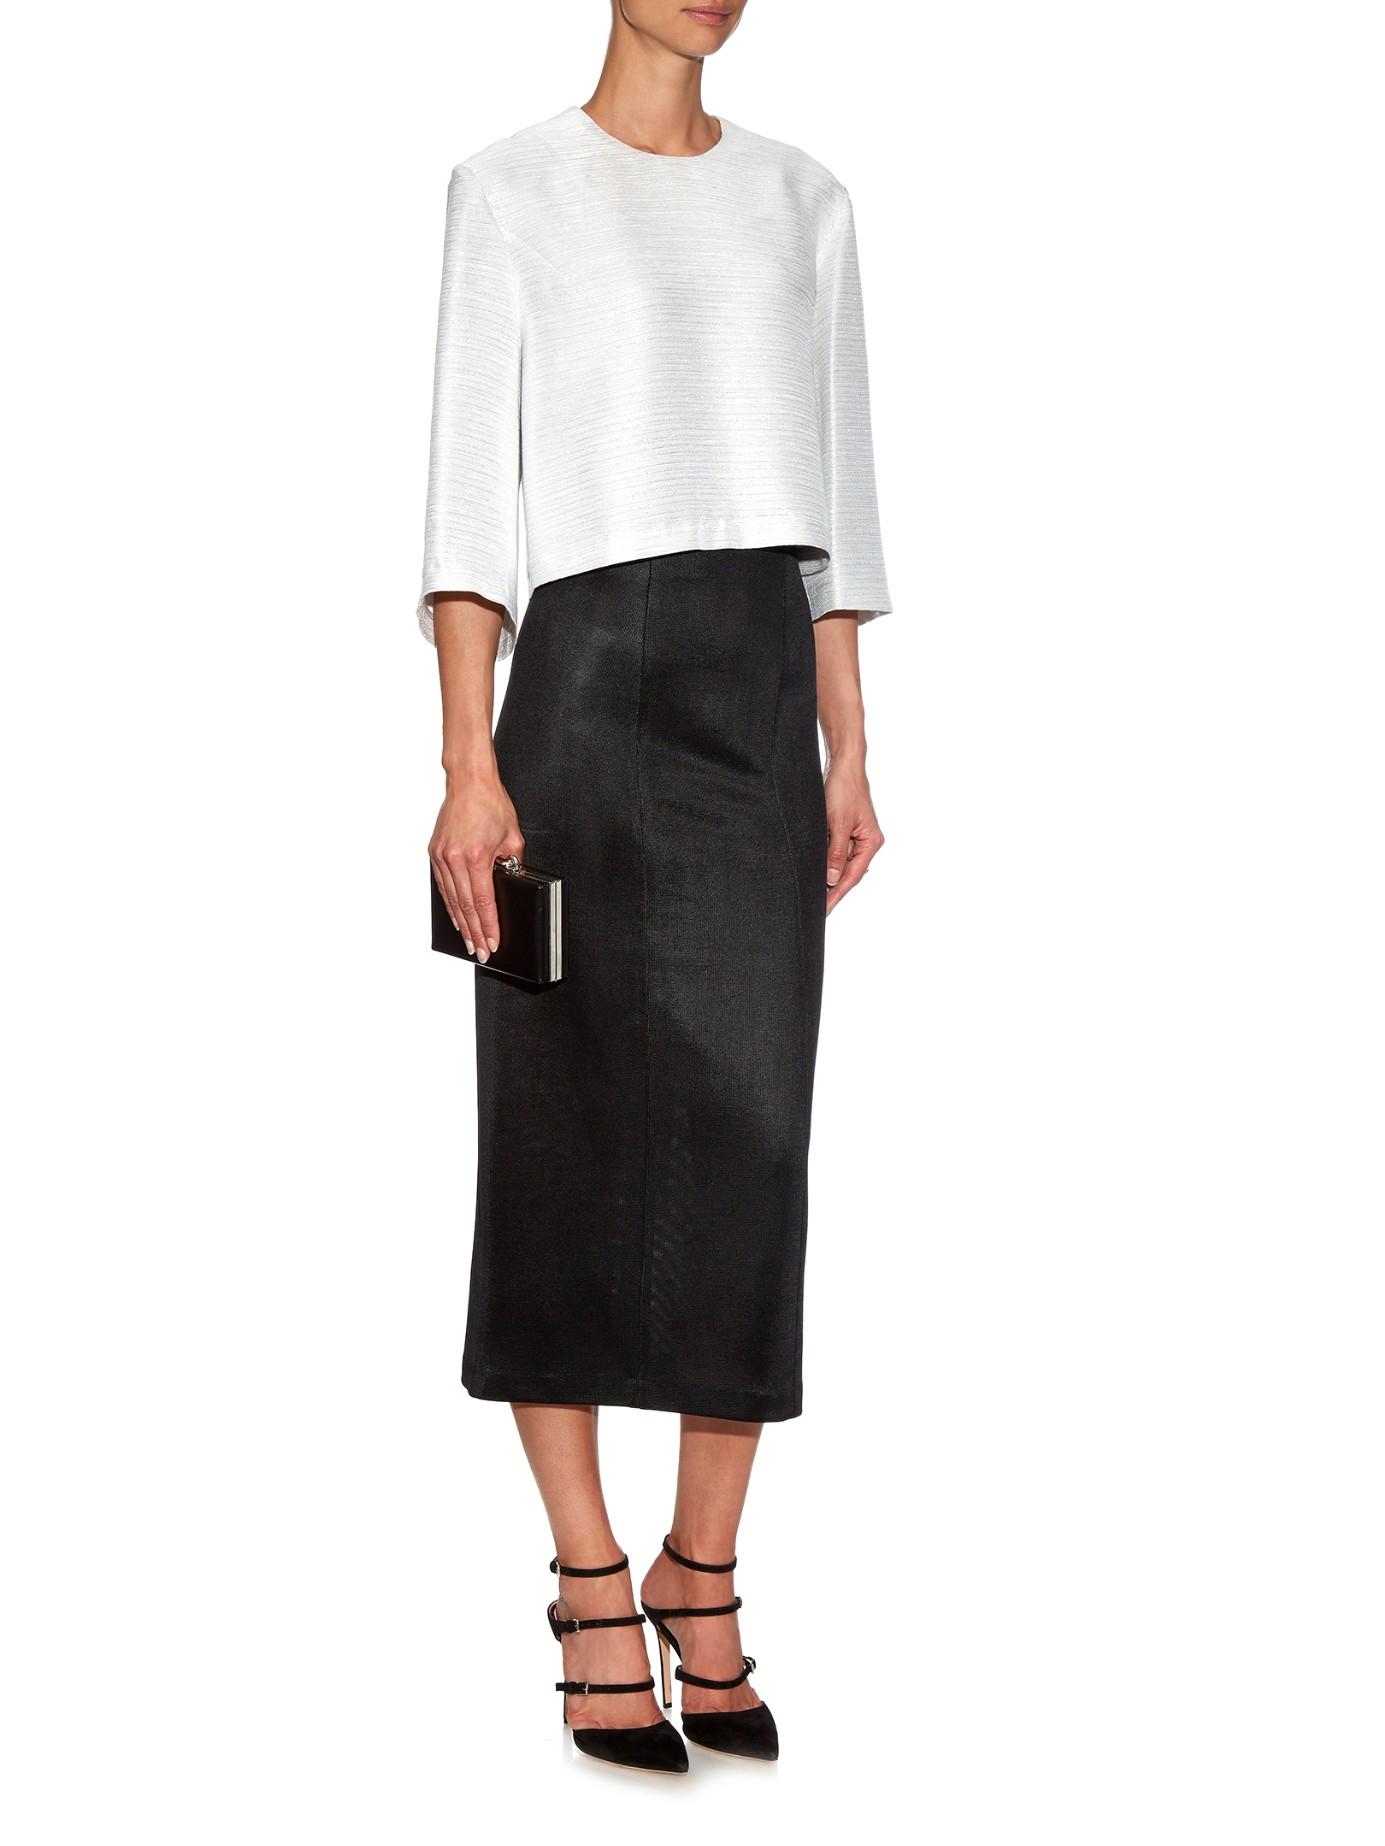 High Waisted Knit Skirt | Jill Dress